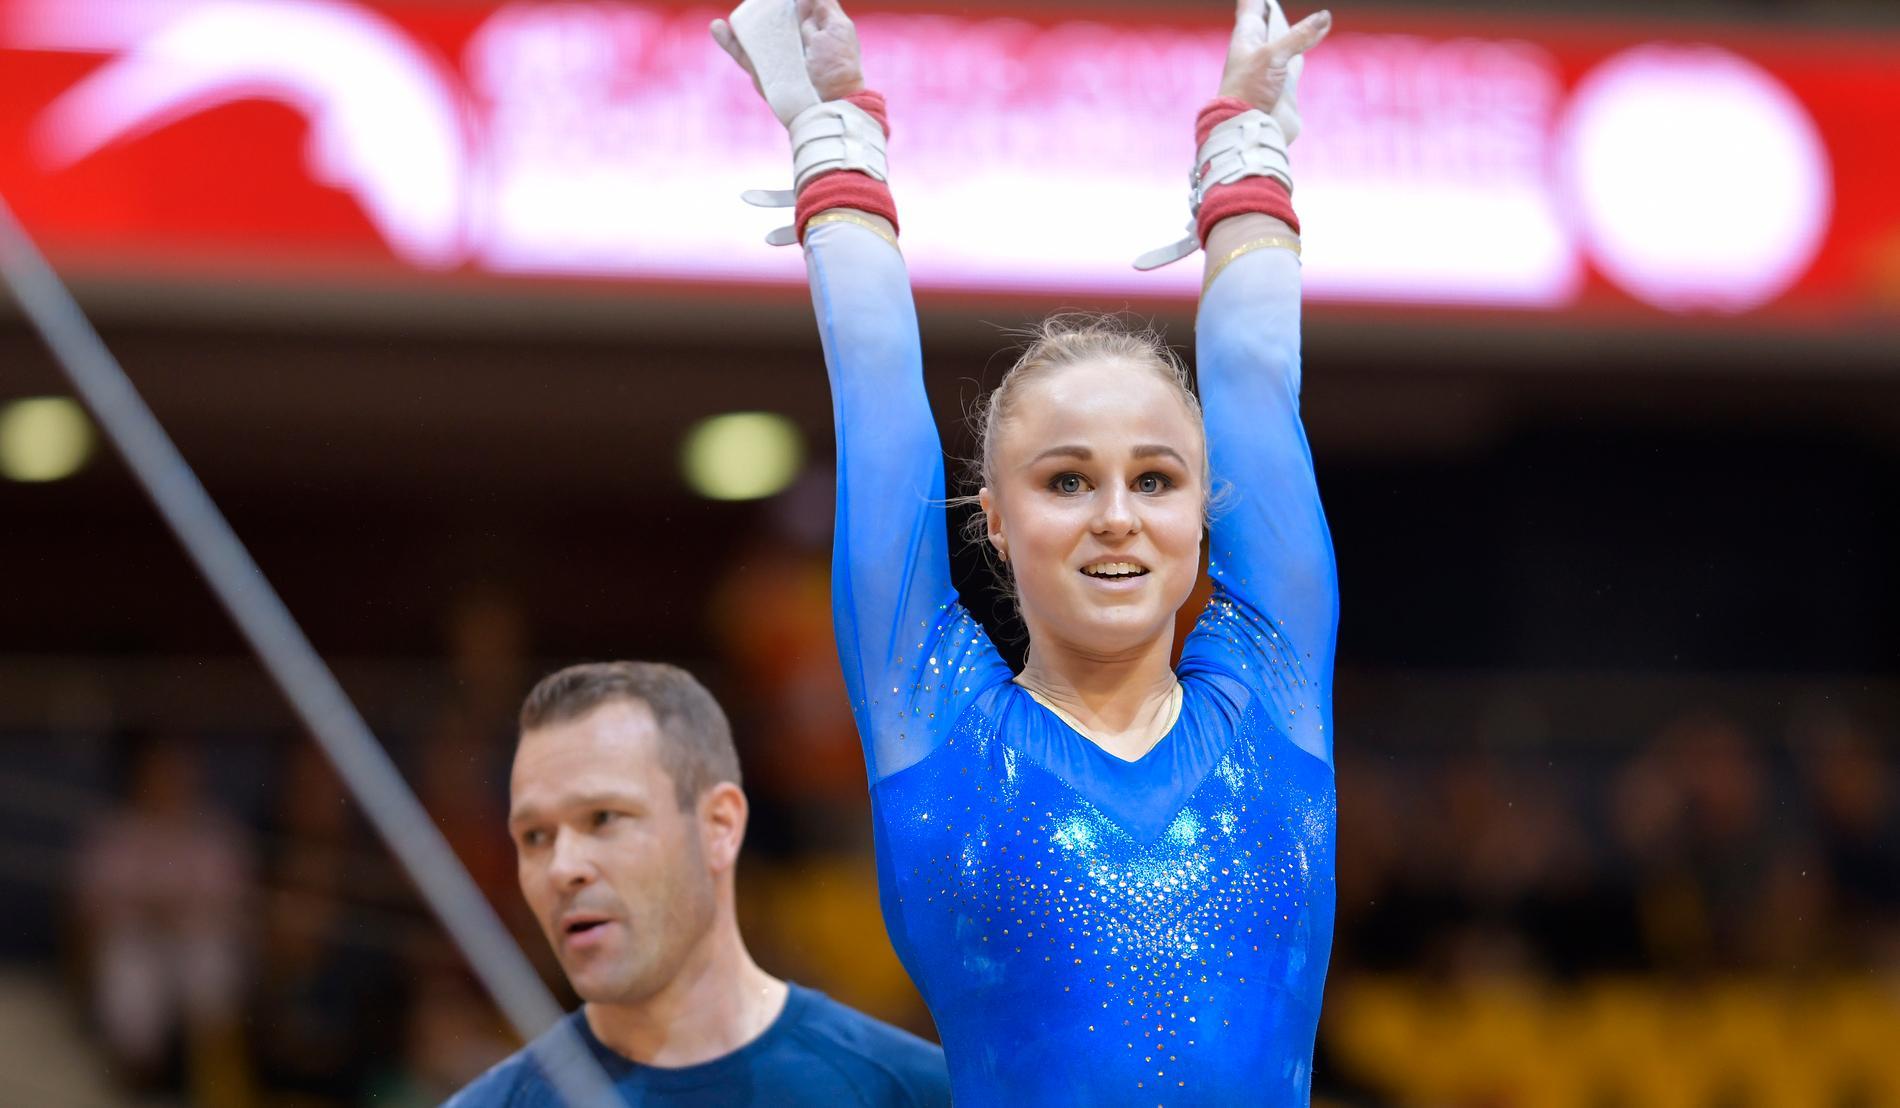 Jonna Adlerteg under VM i fjol. Nu är det dags för EM, där hon har ett silver att försvara i barr.